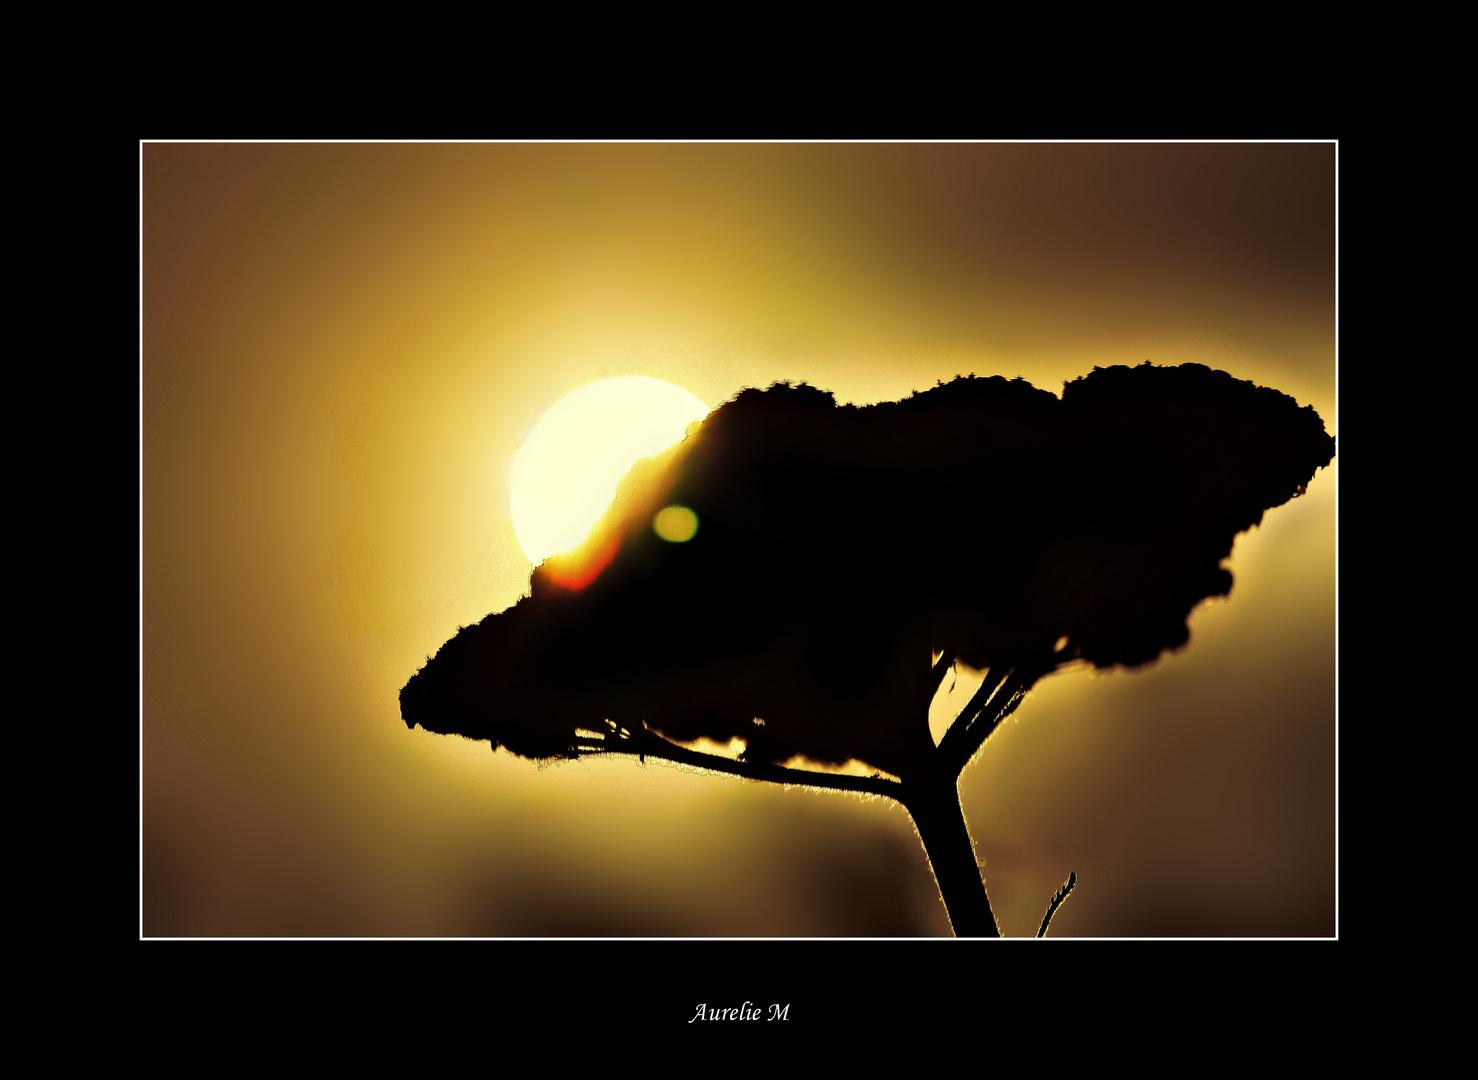 le jour ce lève sur une fleur